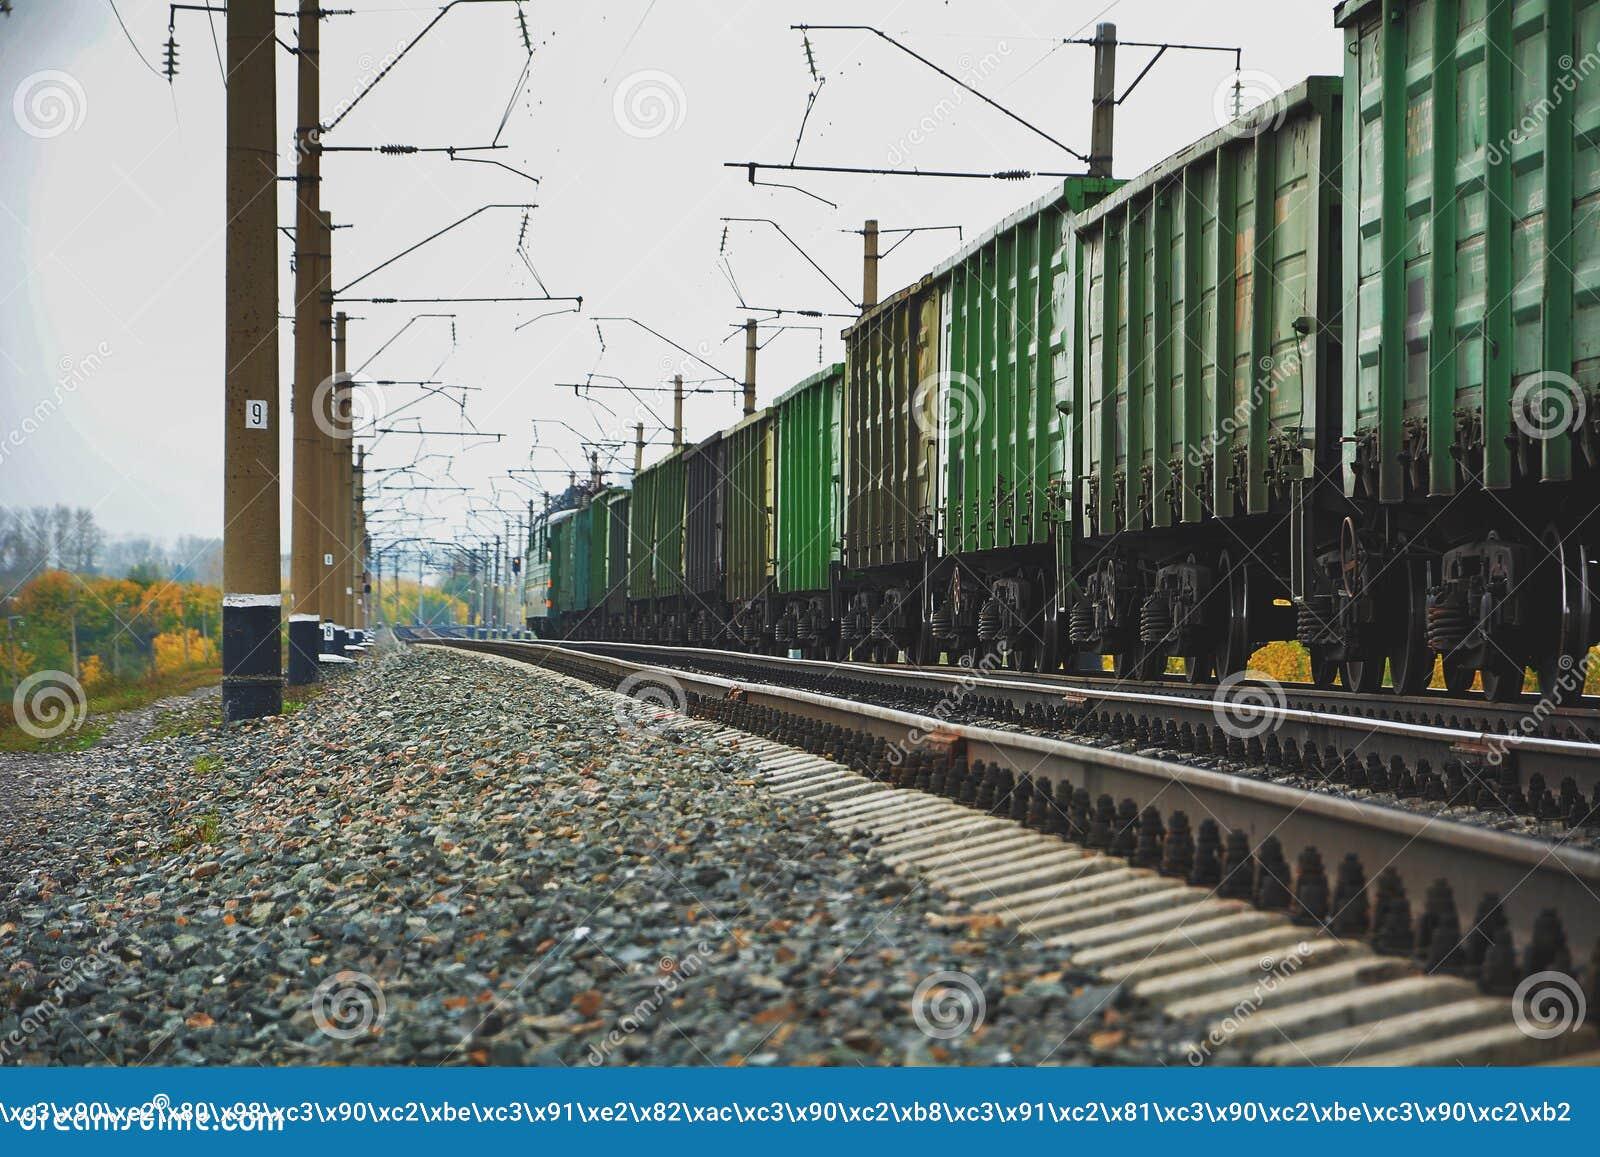 Spoorweg, spoorweg, spoor, spoorlijn